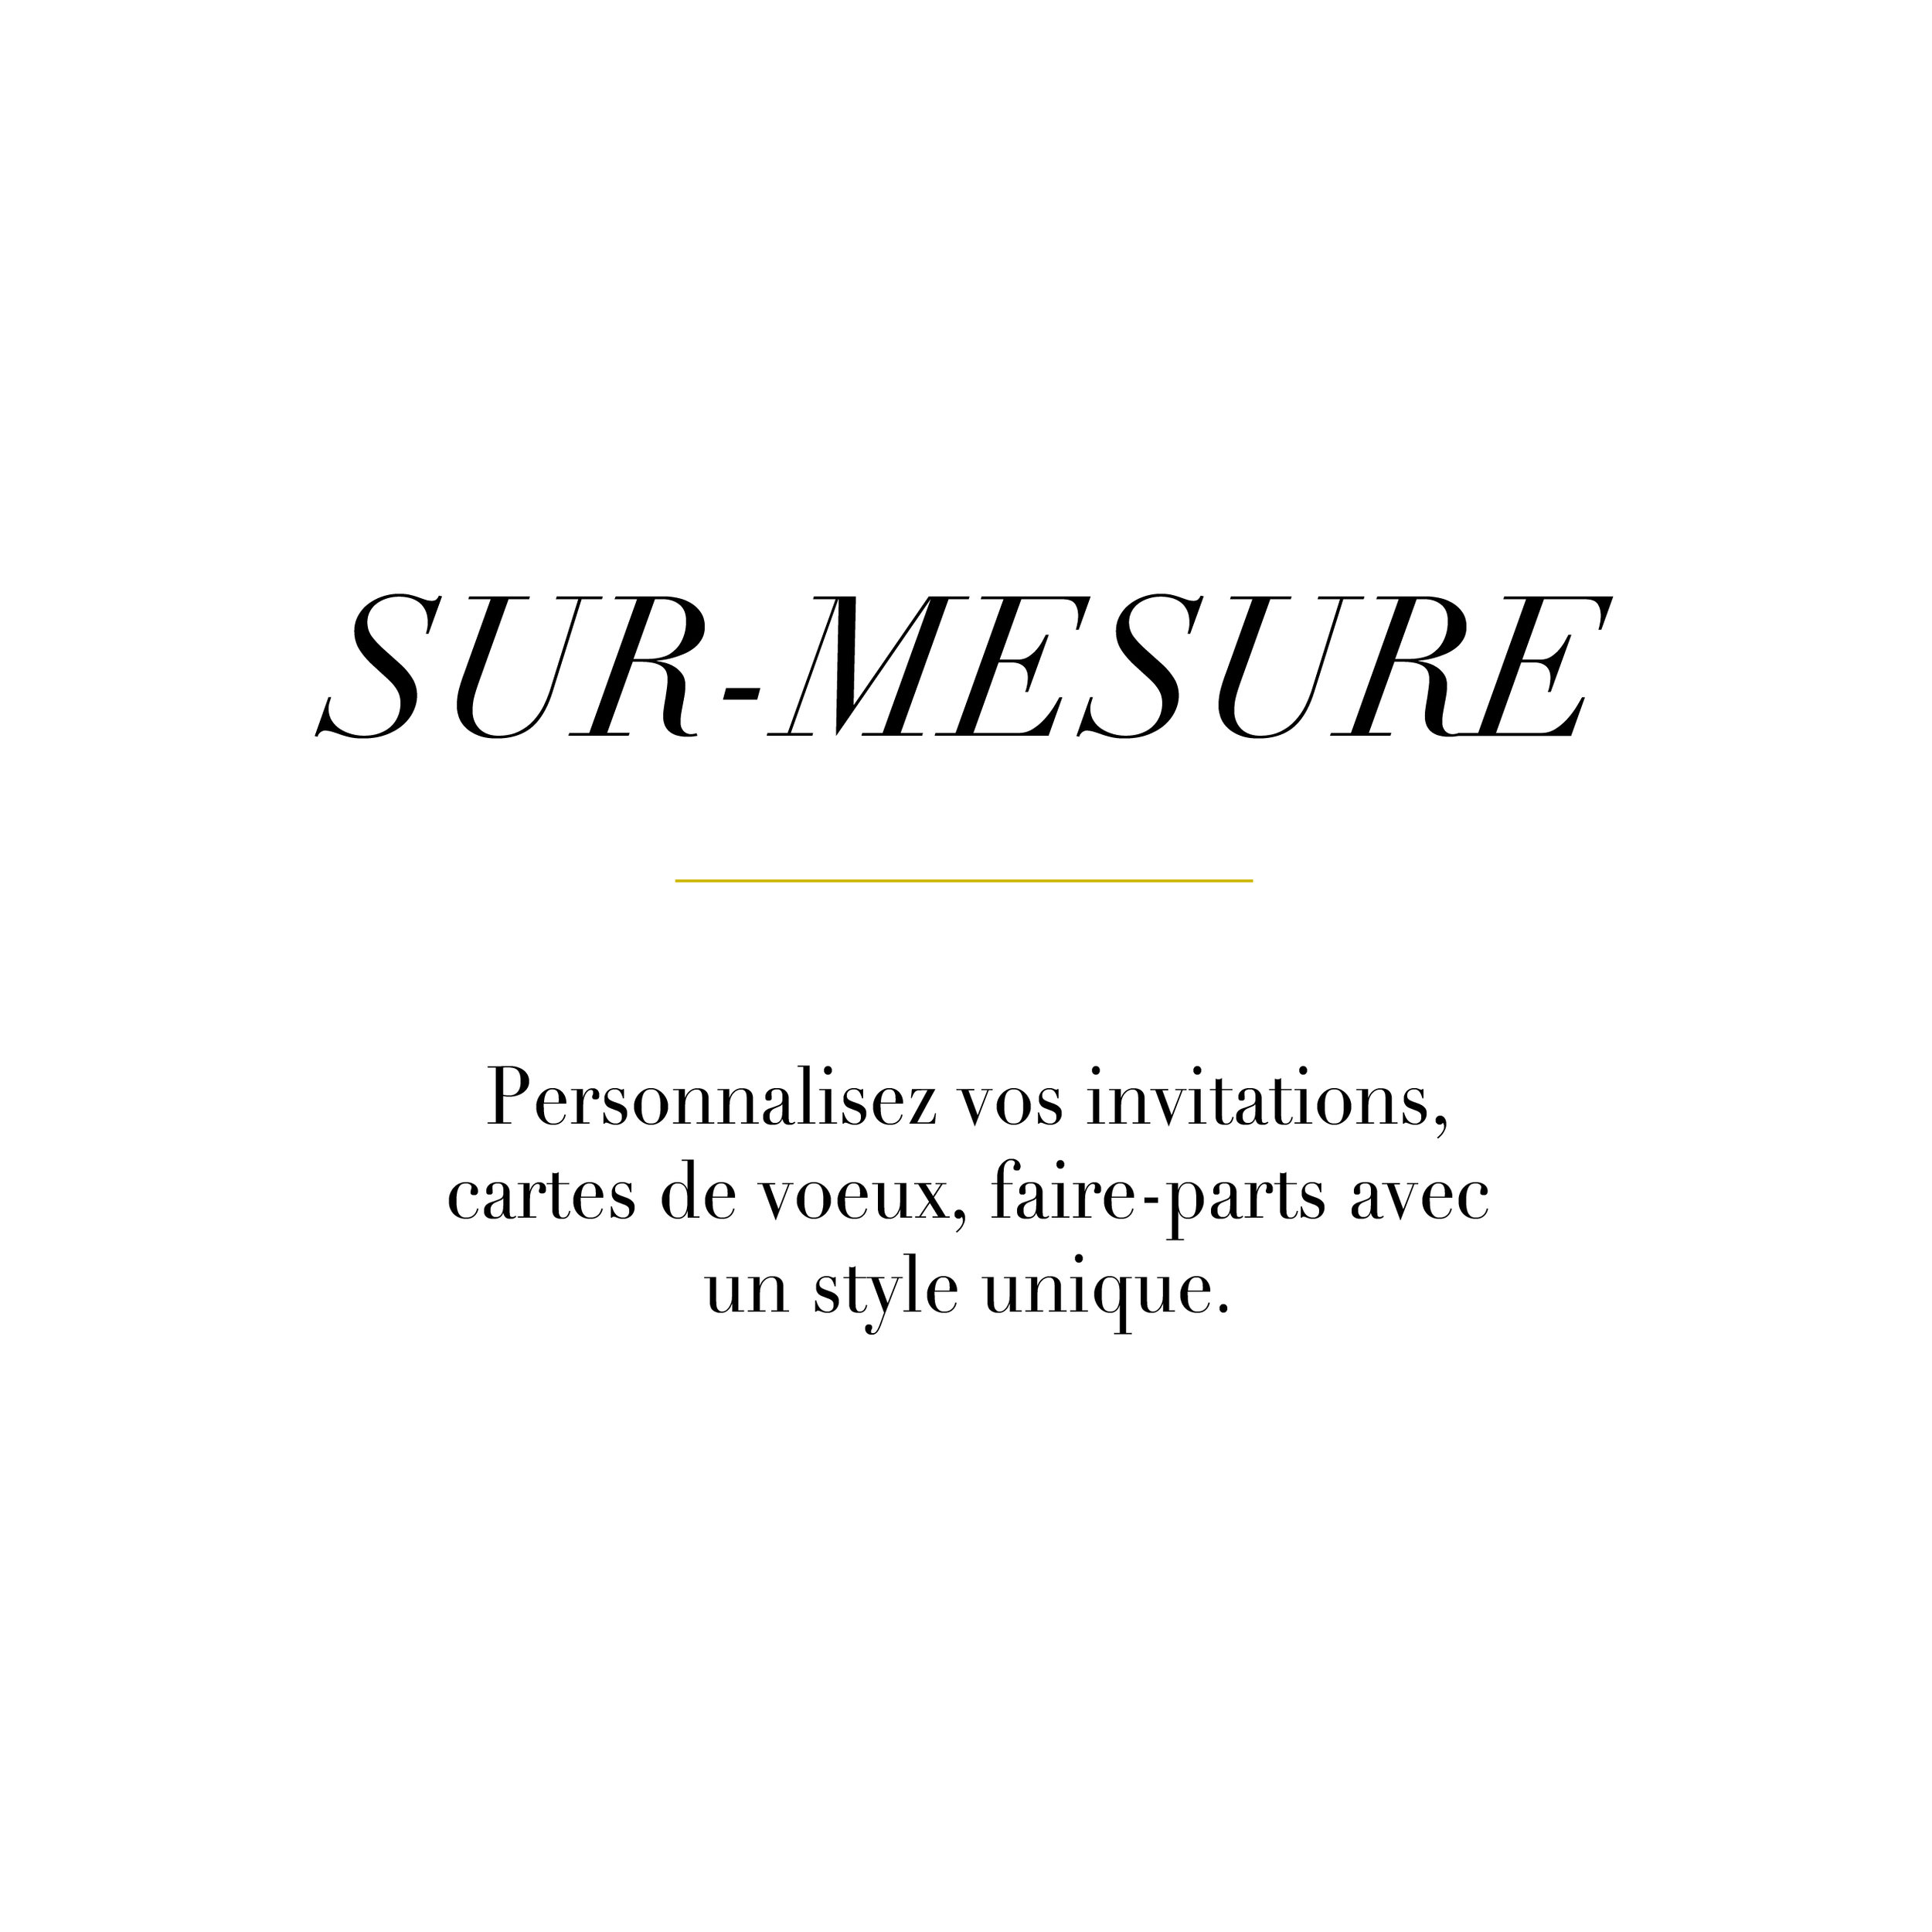 SUR-MESUREb.jpg